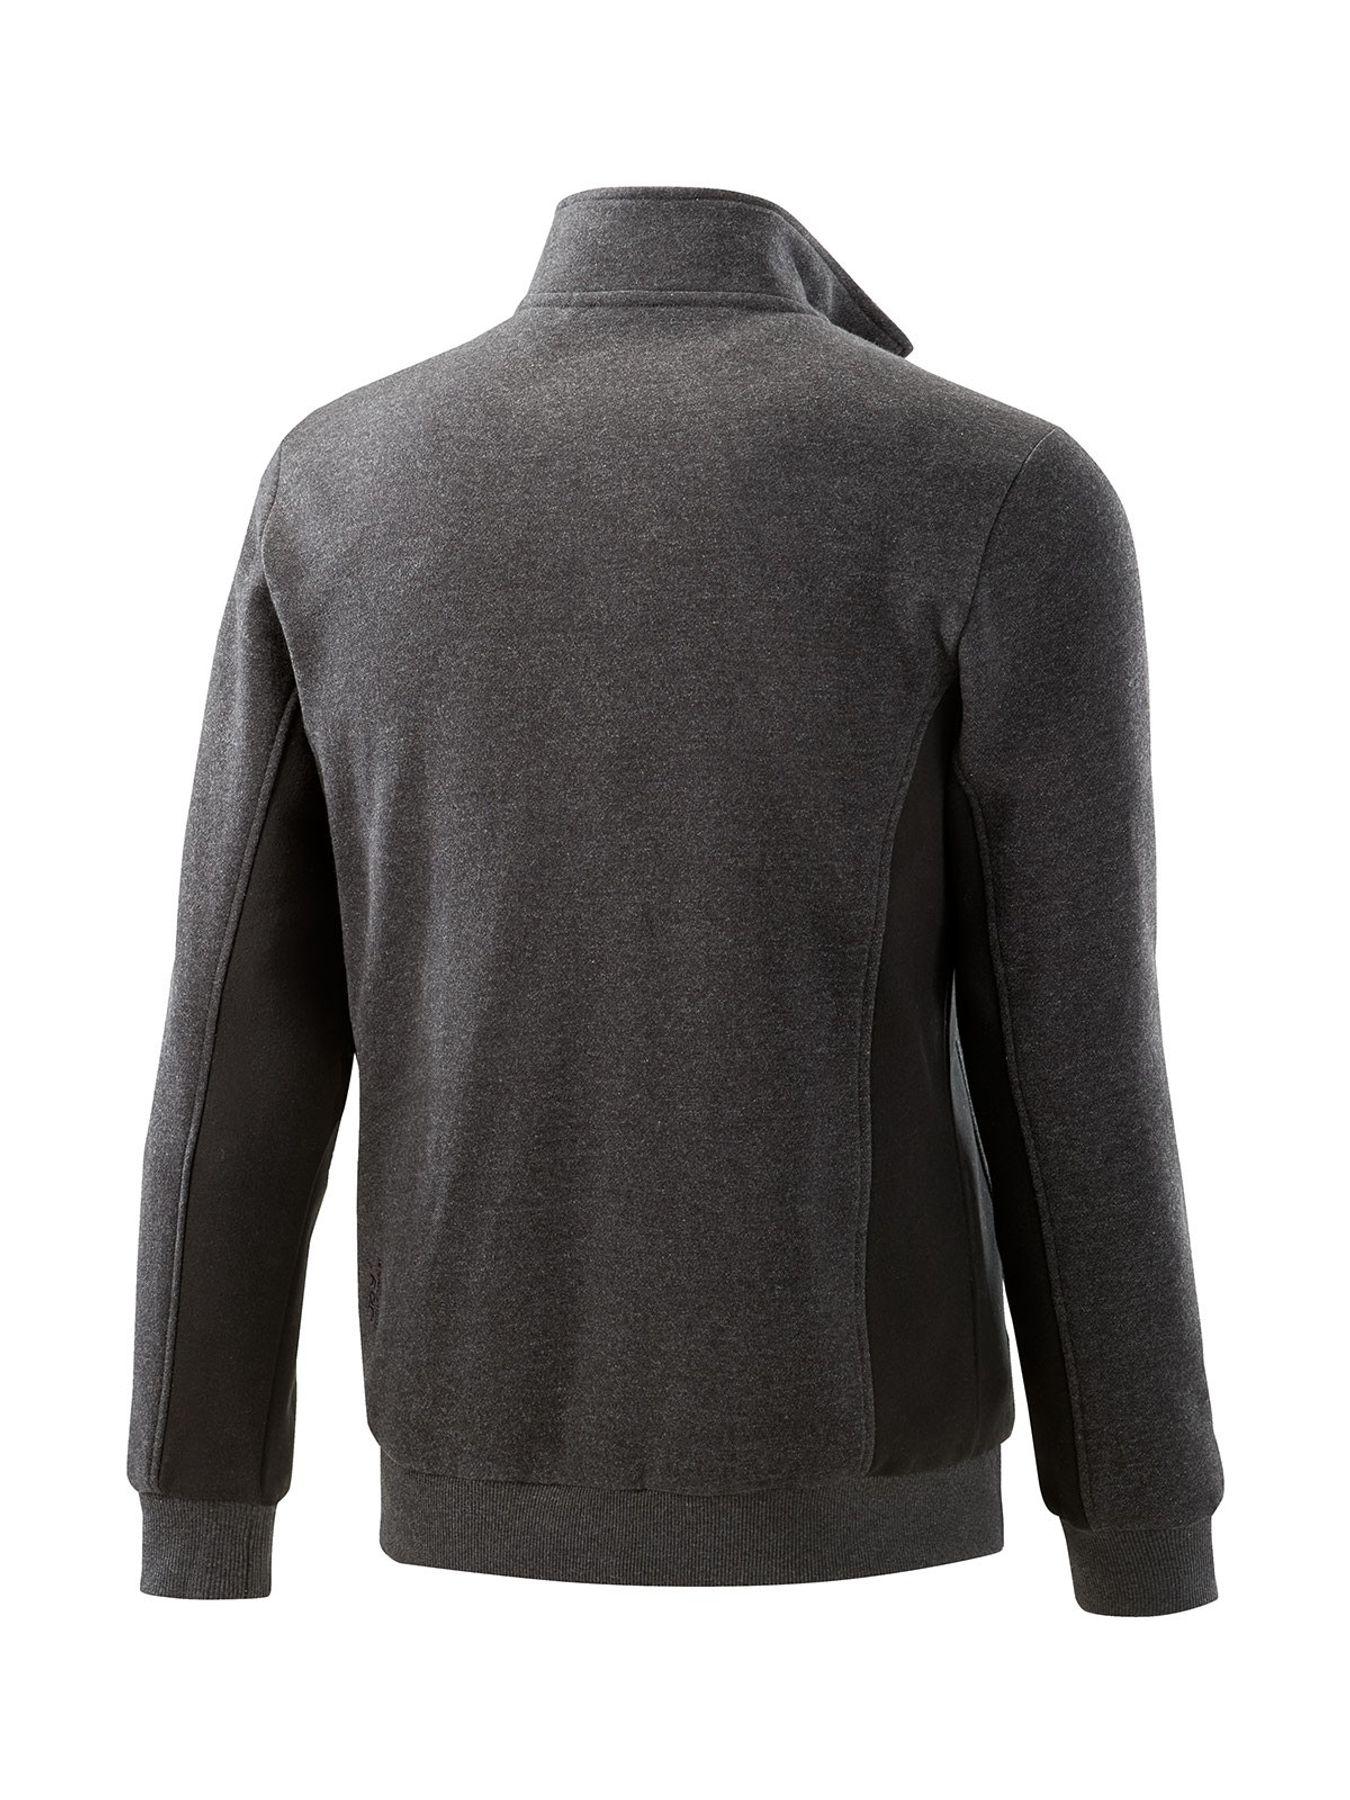 Joy - Herren Sport und Freizeit Sweatshirt , Tobias (40210 A) – Bild 2